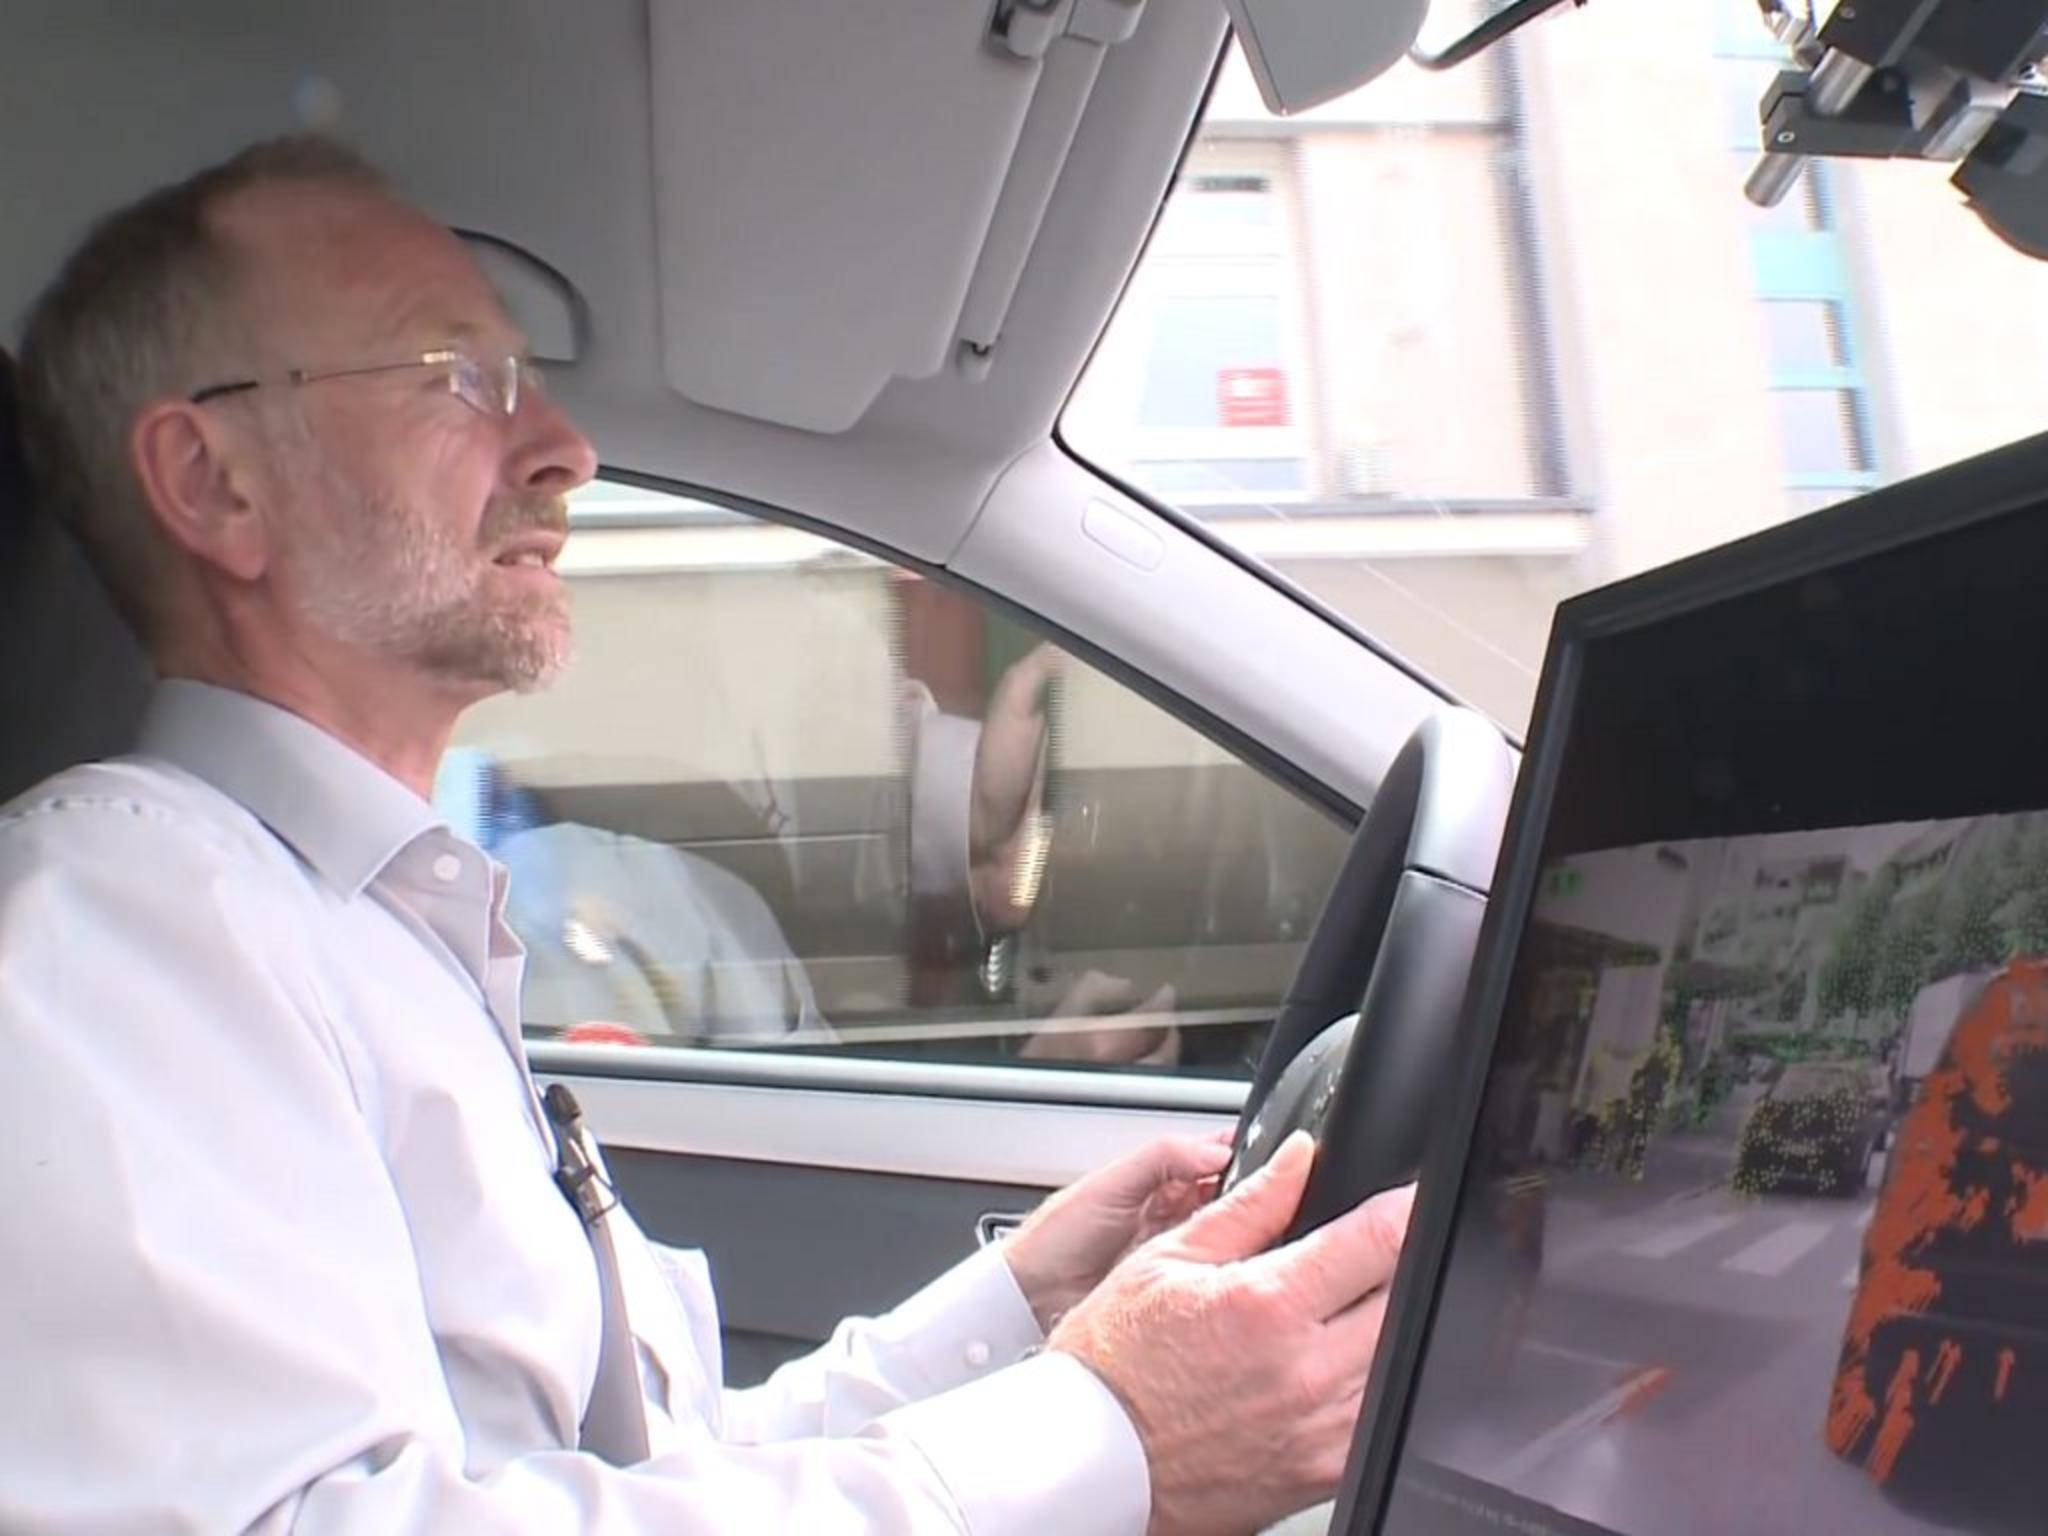 Bereits seit Jahren setzt Daimler auf die 6D-Vision-Technologie.